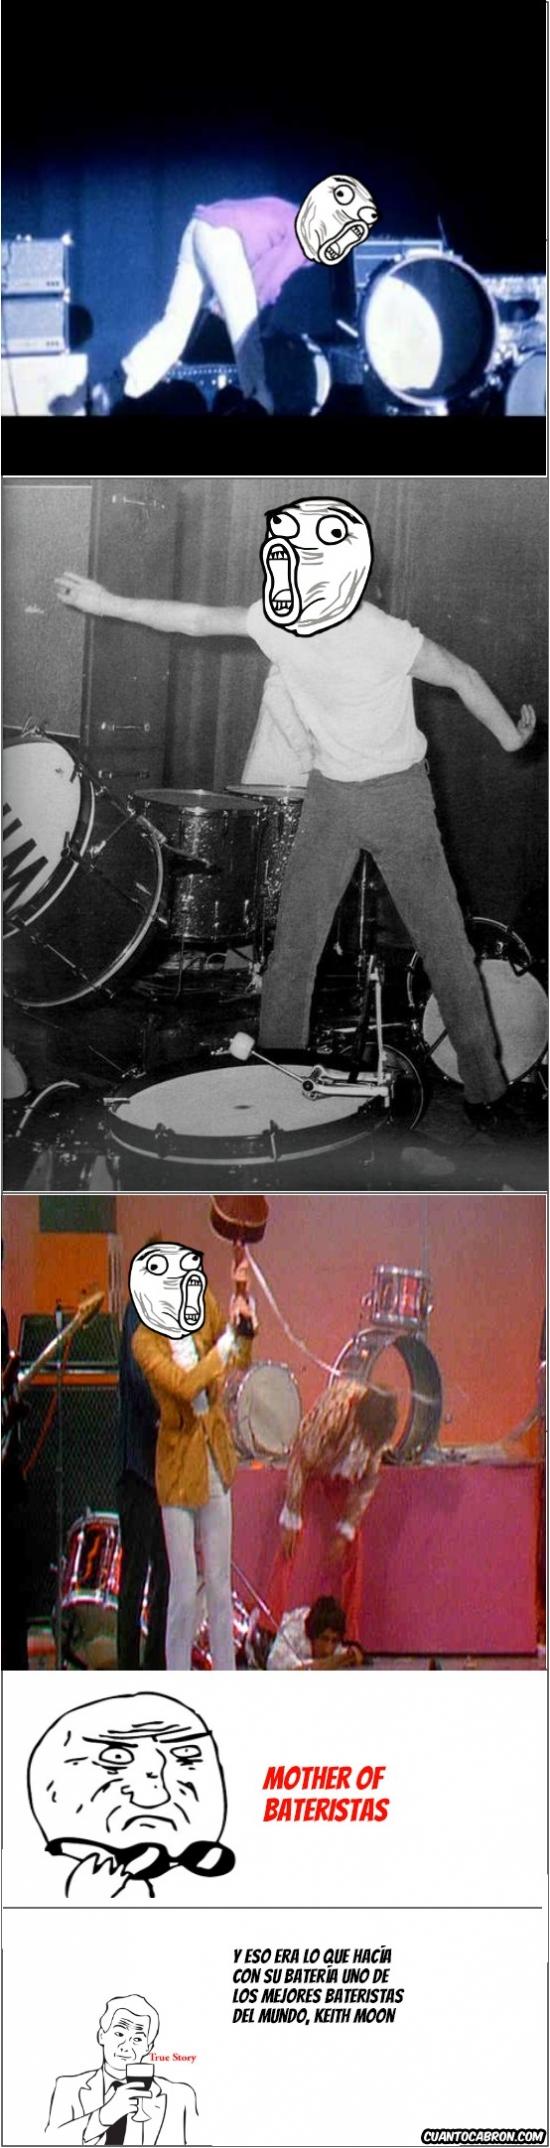 Mother_of_god - No solo los guitarristas tenían su lado destroyer encima del escenario